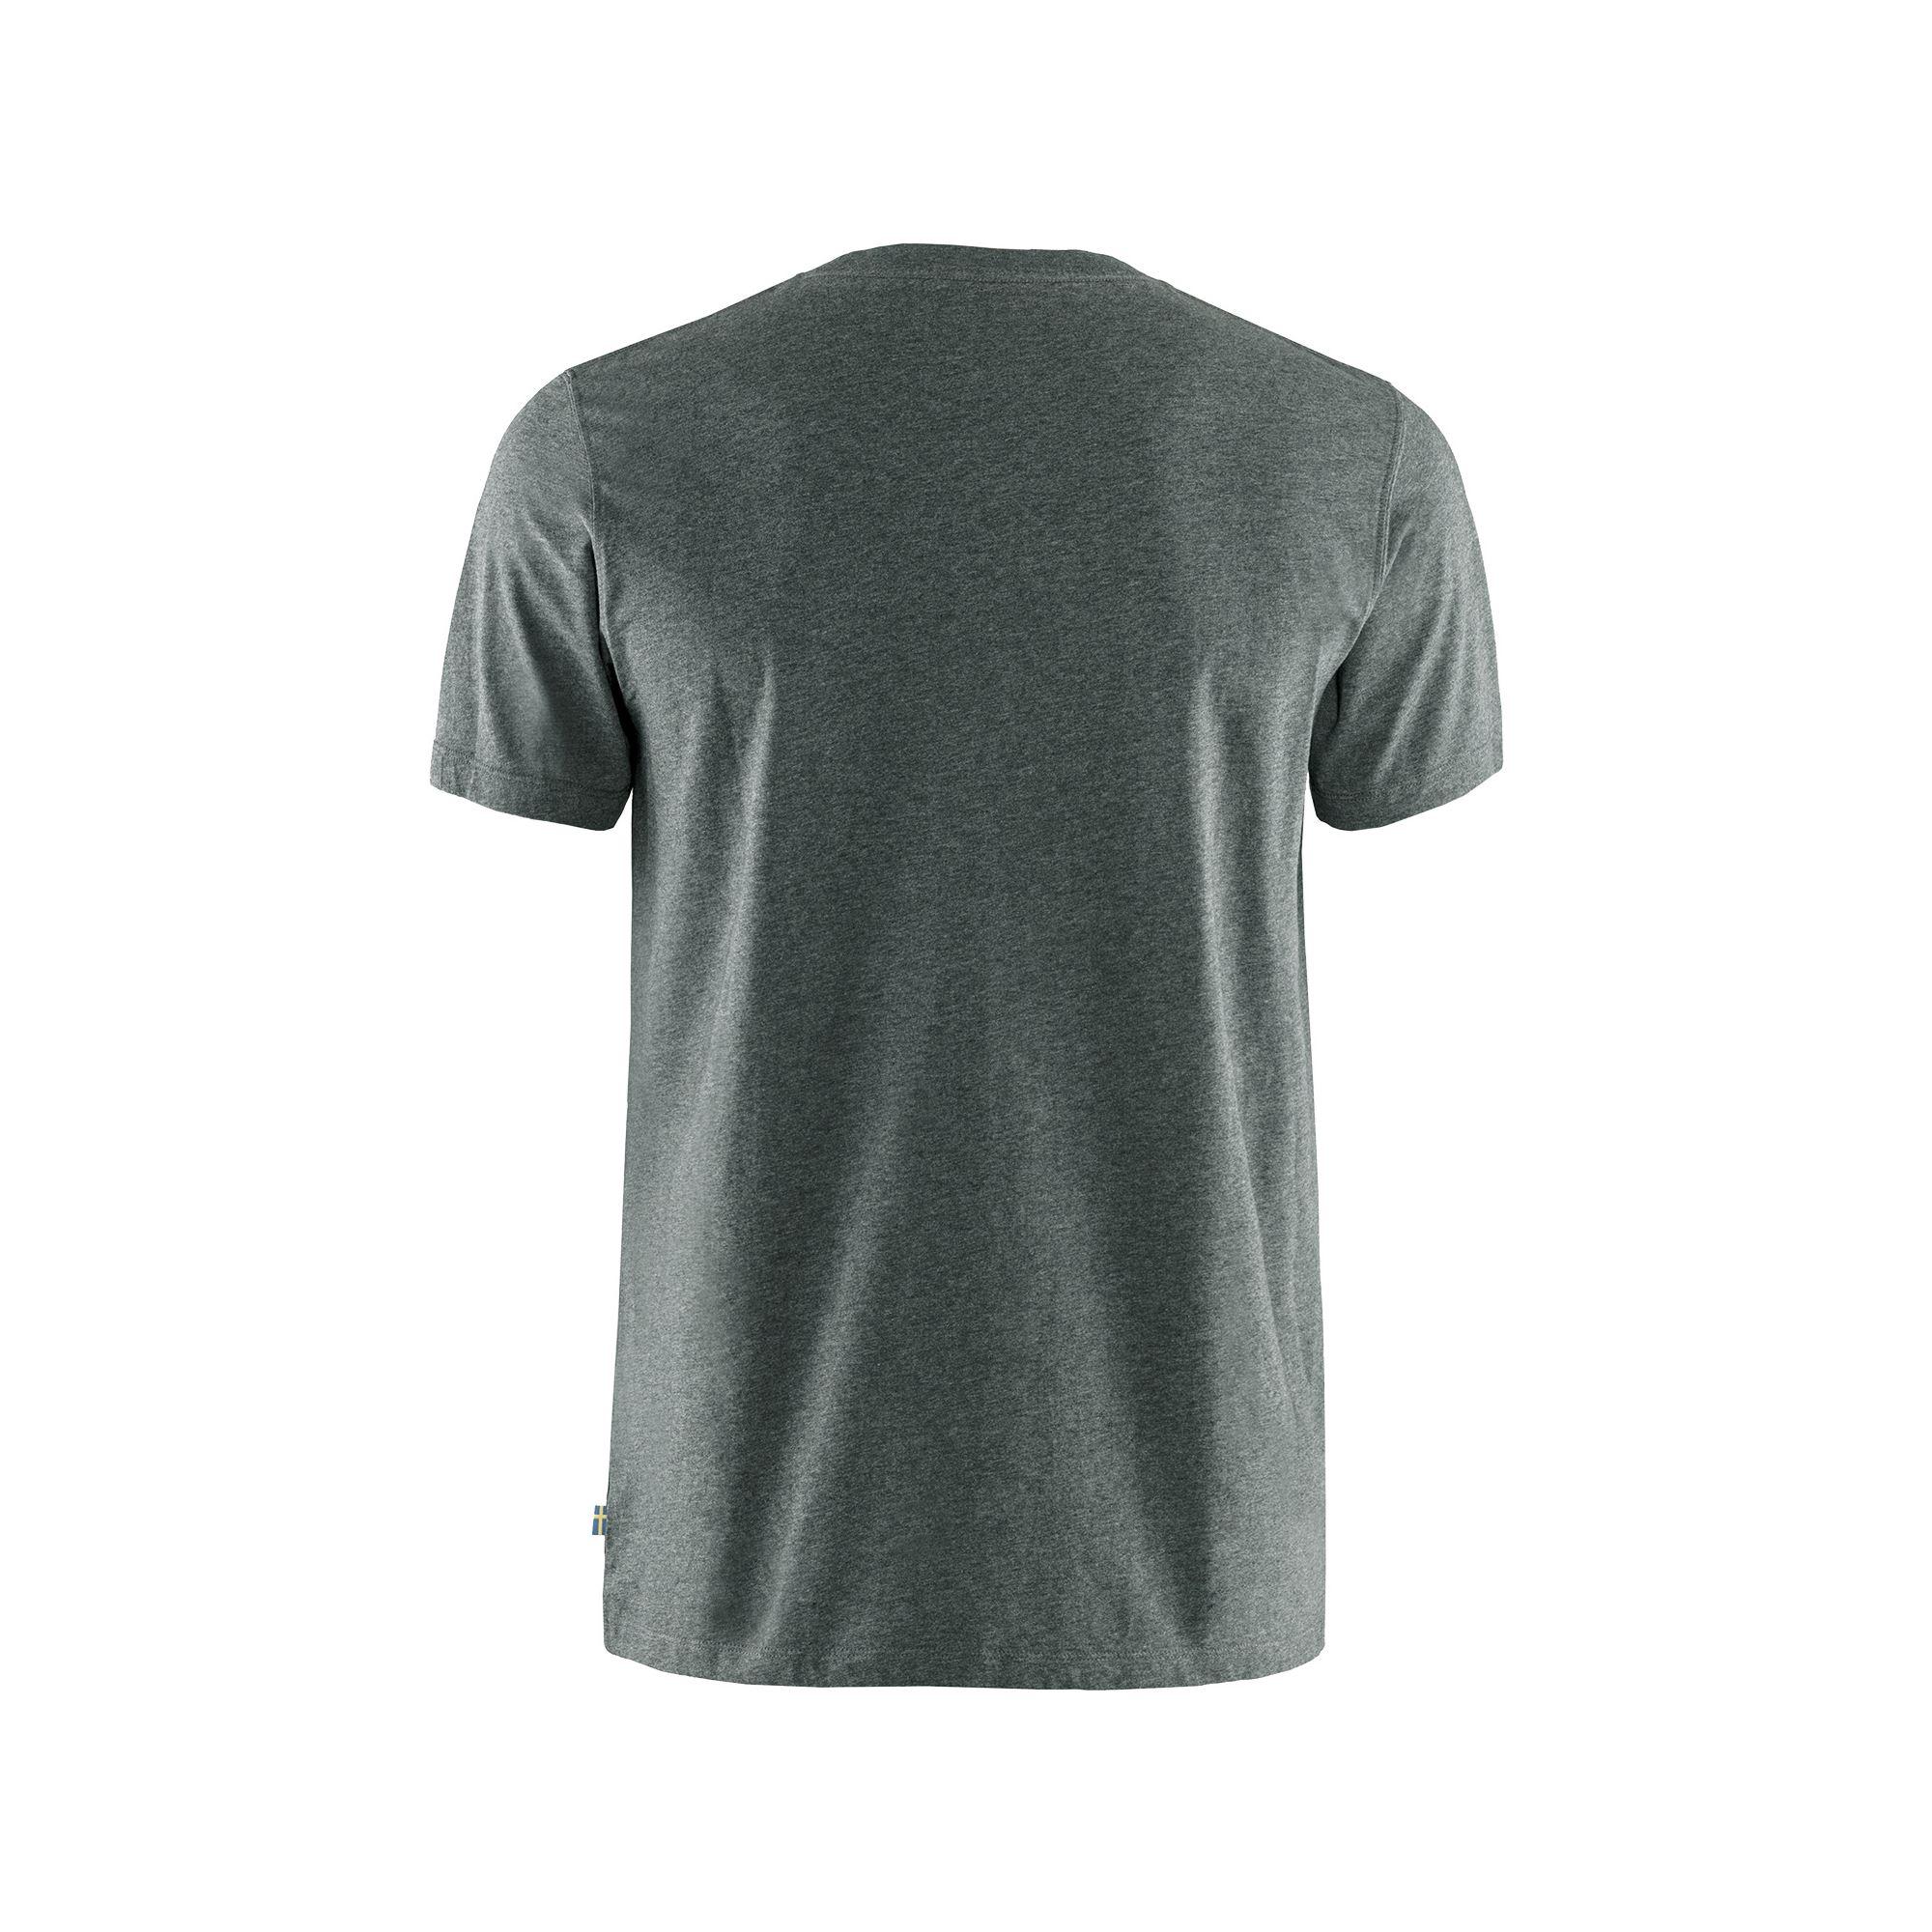 Fjällräven Lägerplats t-shirt, stone grey, small